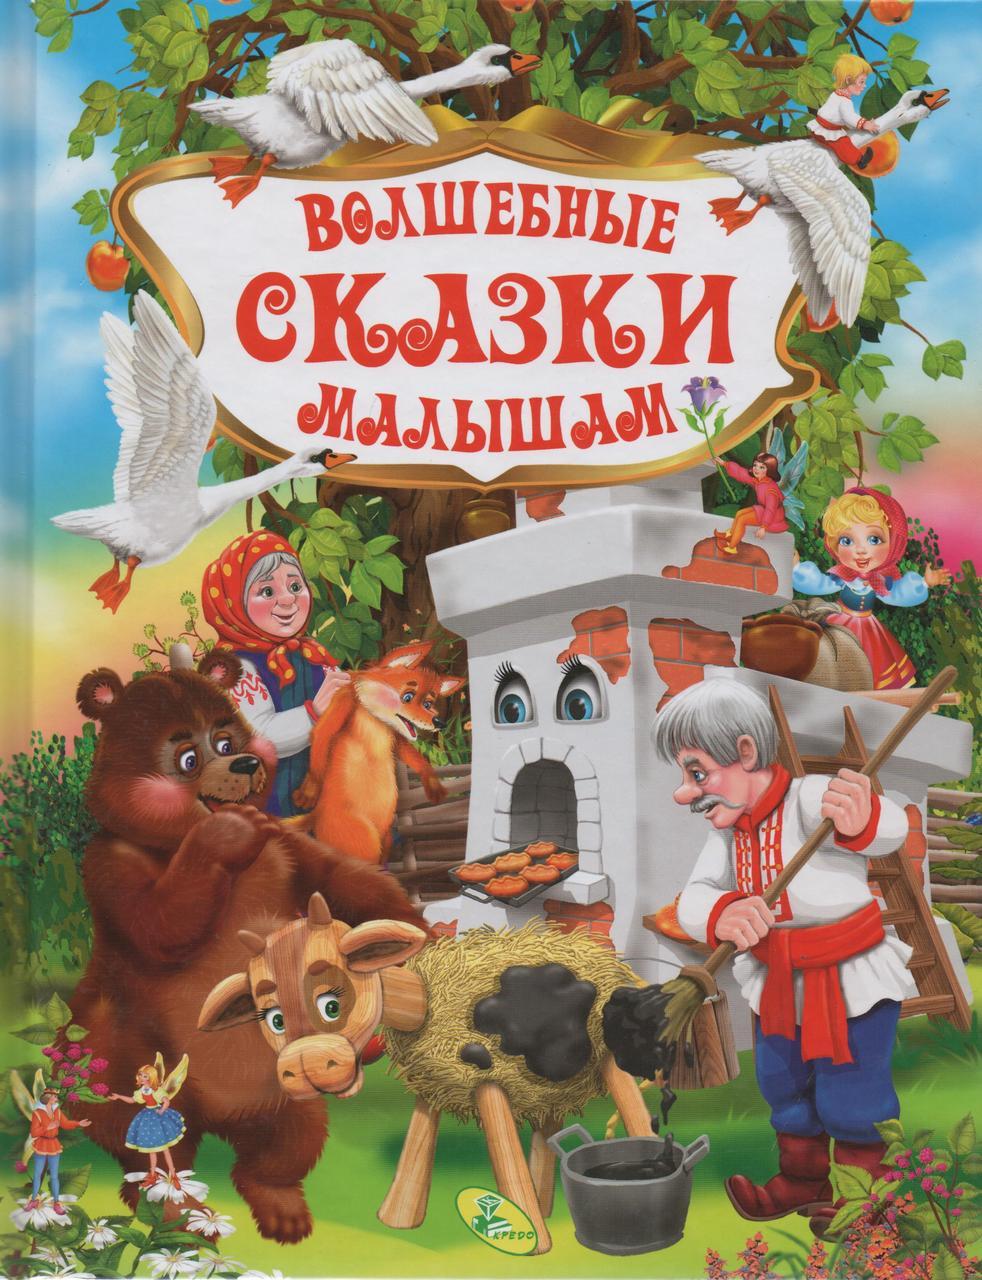 Волшебные сказки малышам (кредо)